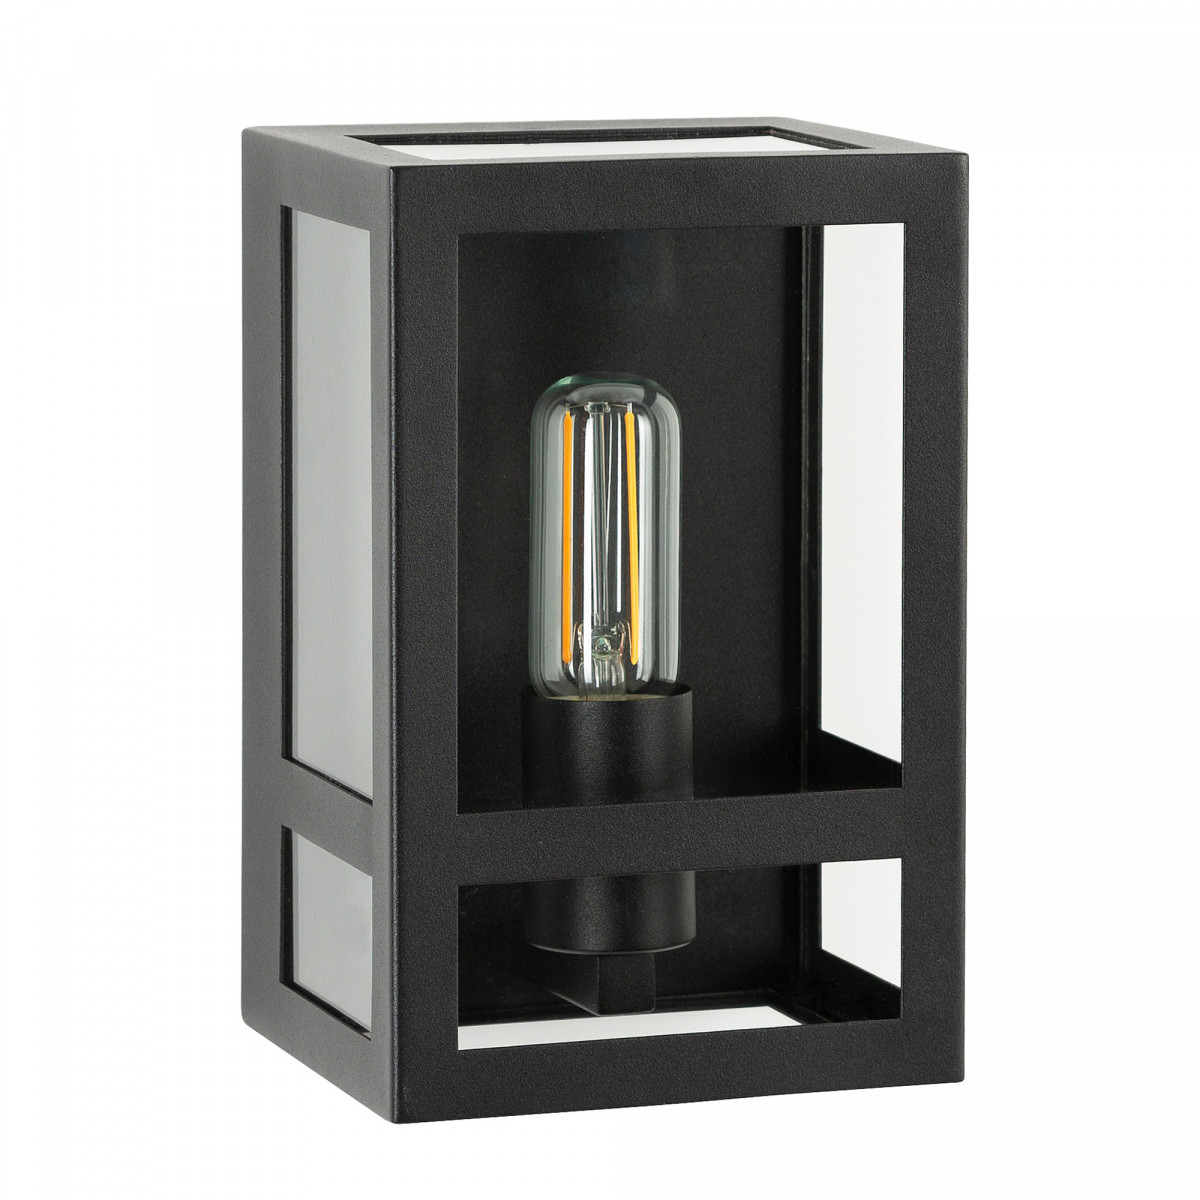 Wandlamp zwart voor buiten,  buitenlamp met zwart frame, helder glas, vlakke achterzijde, E27 fitting, urban stijl  gevelverlichting